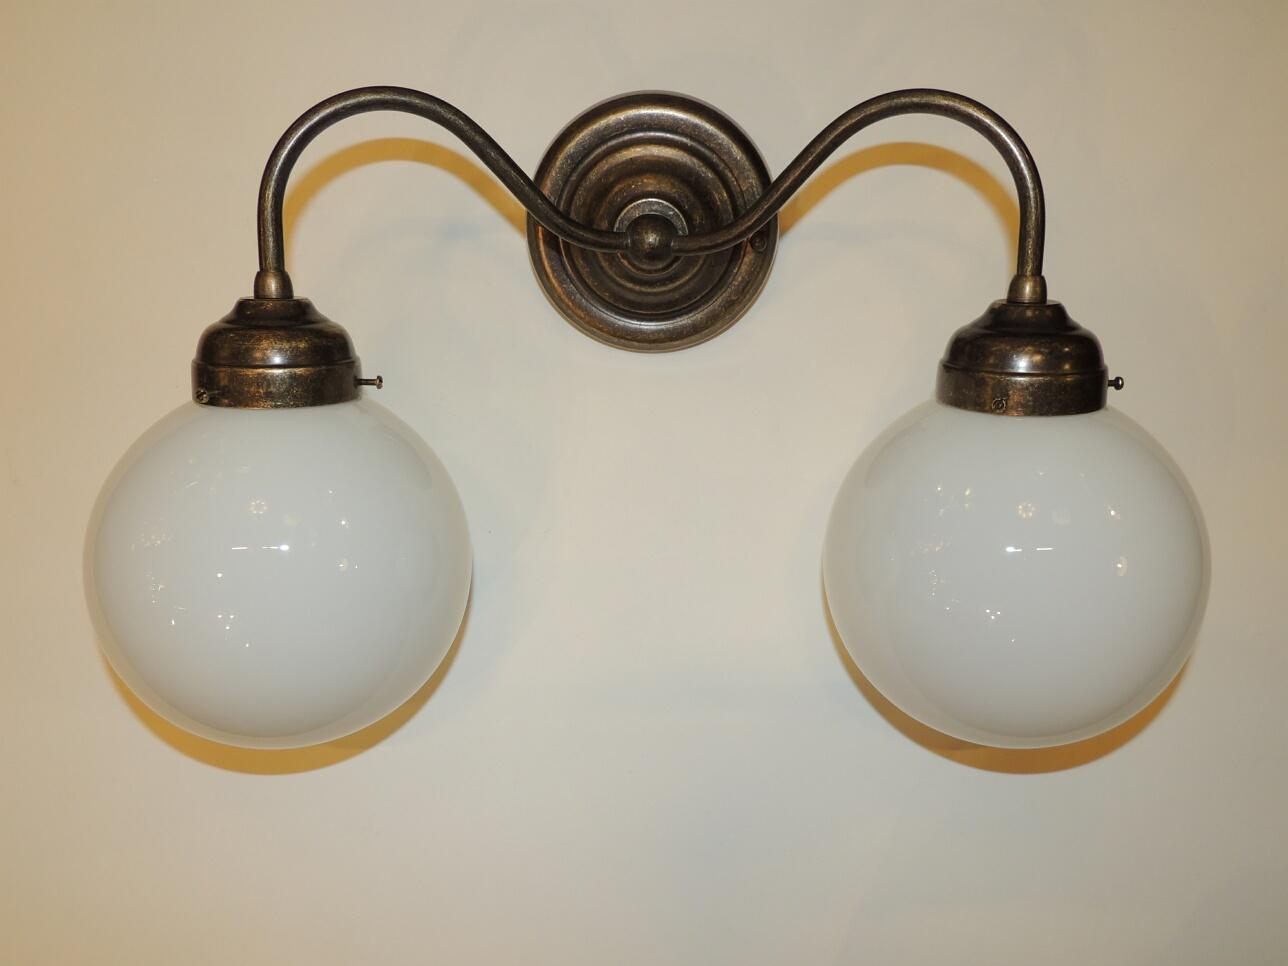 Lampade a parete applique doppia sfera rossi illuminazione vicenza